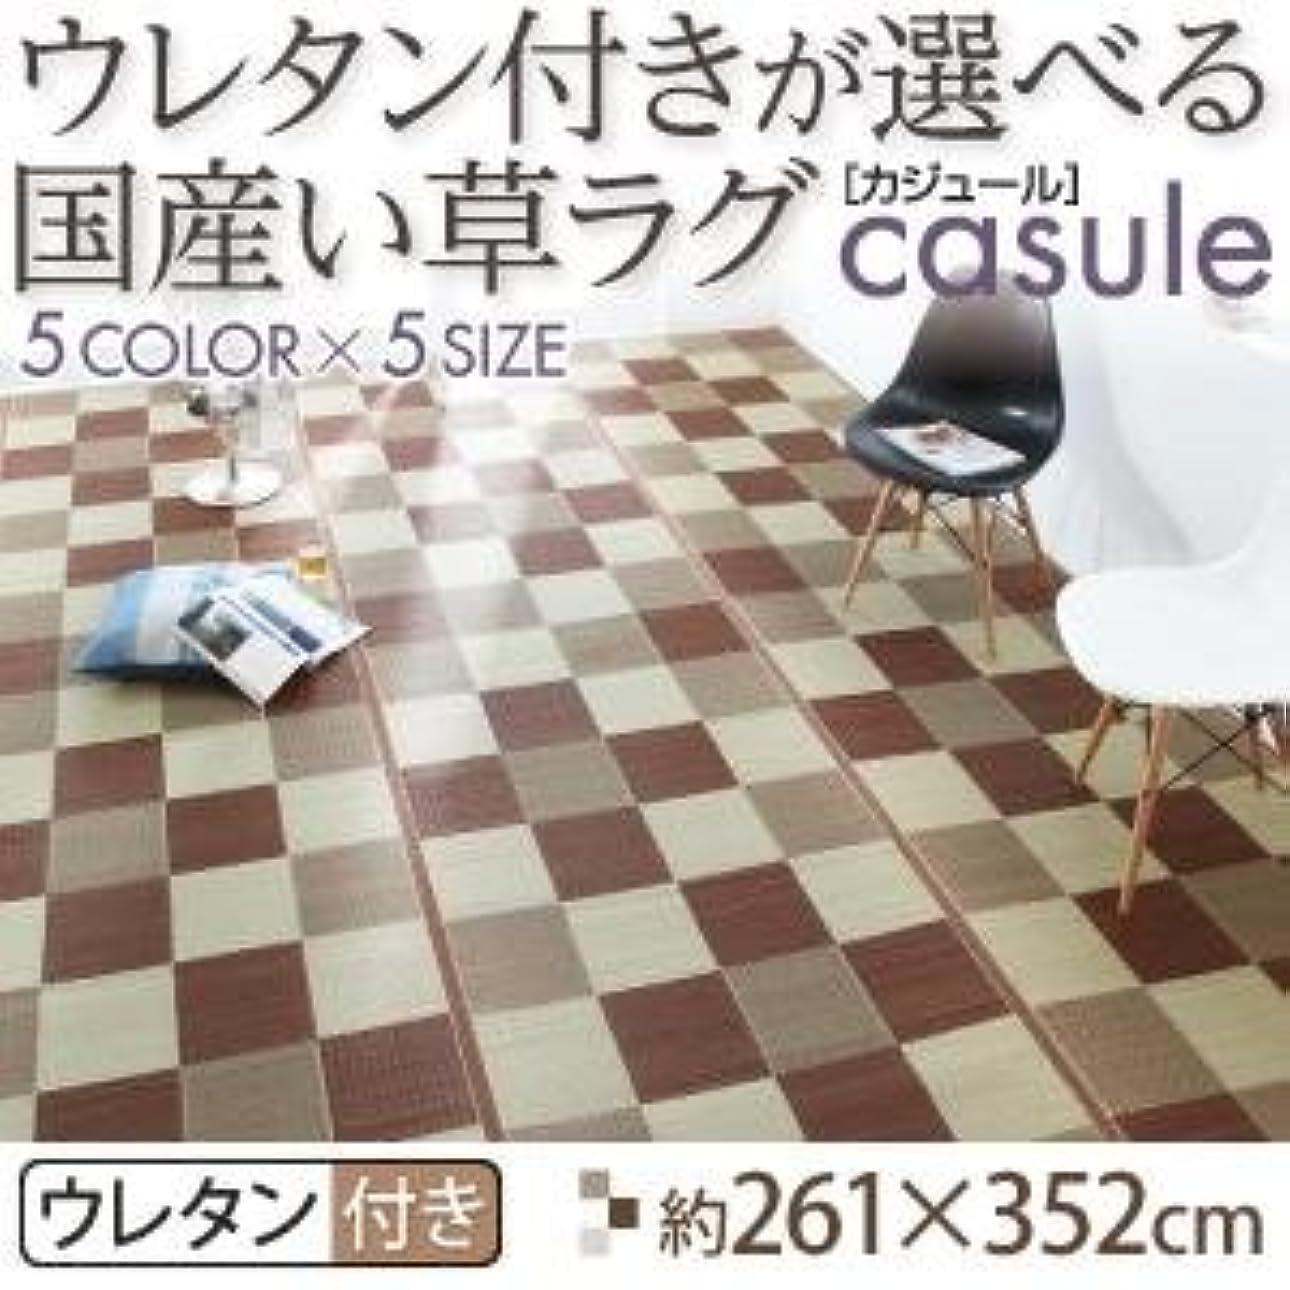 収入慎重に観点ウレタン付きが選べる国産い草ラグ【casule】カジュール ウレタン付き 261×352cm ピンク